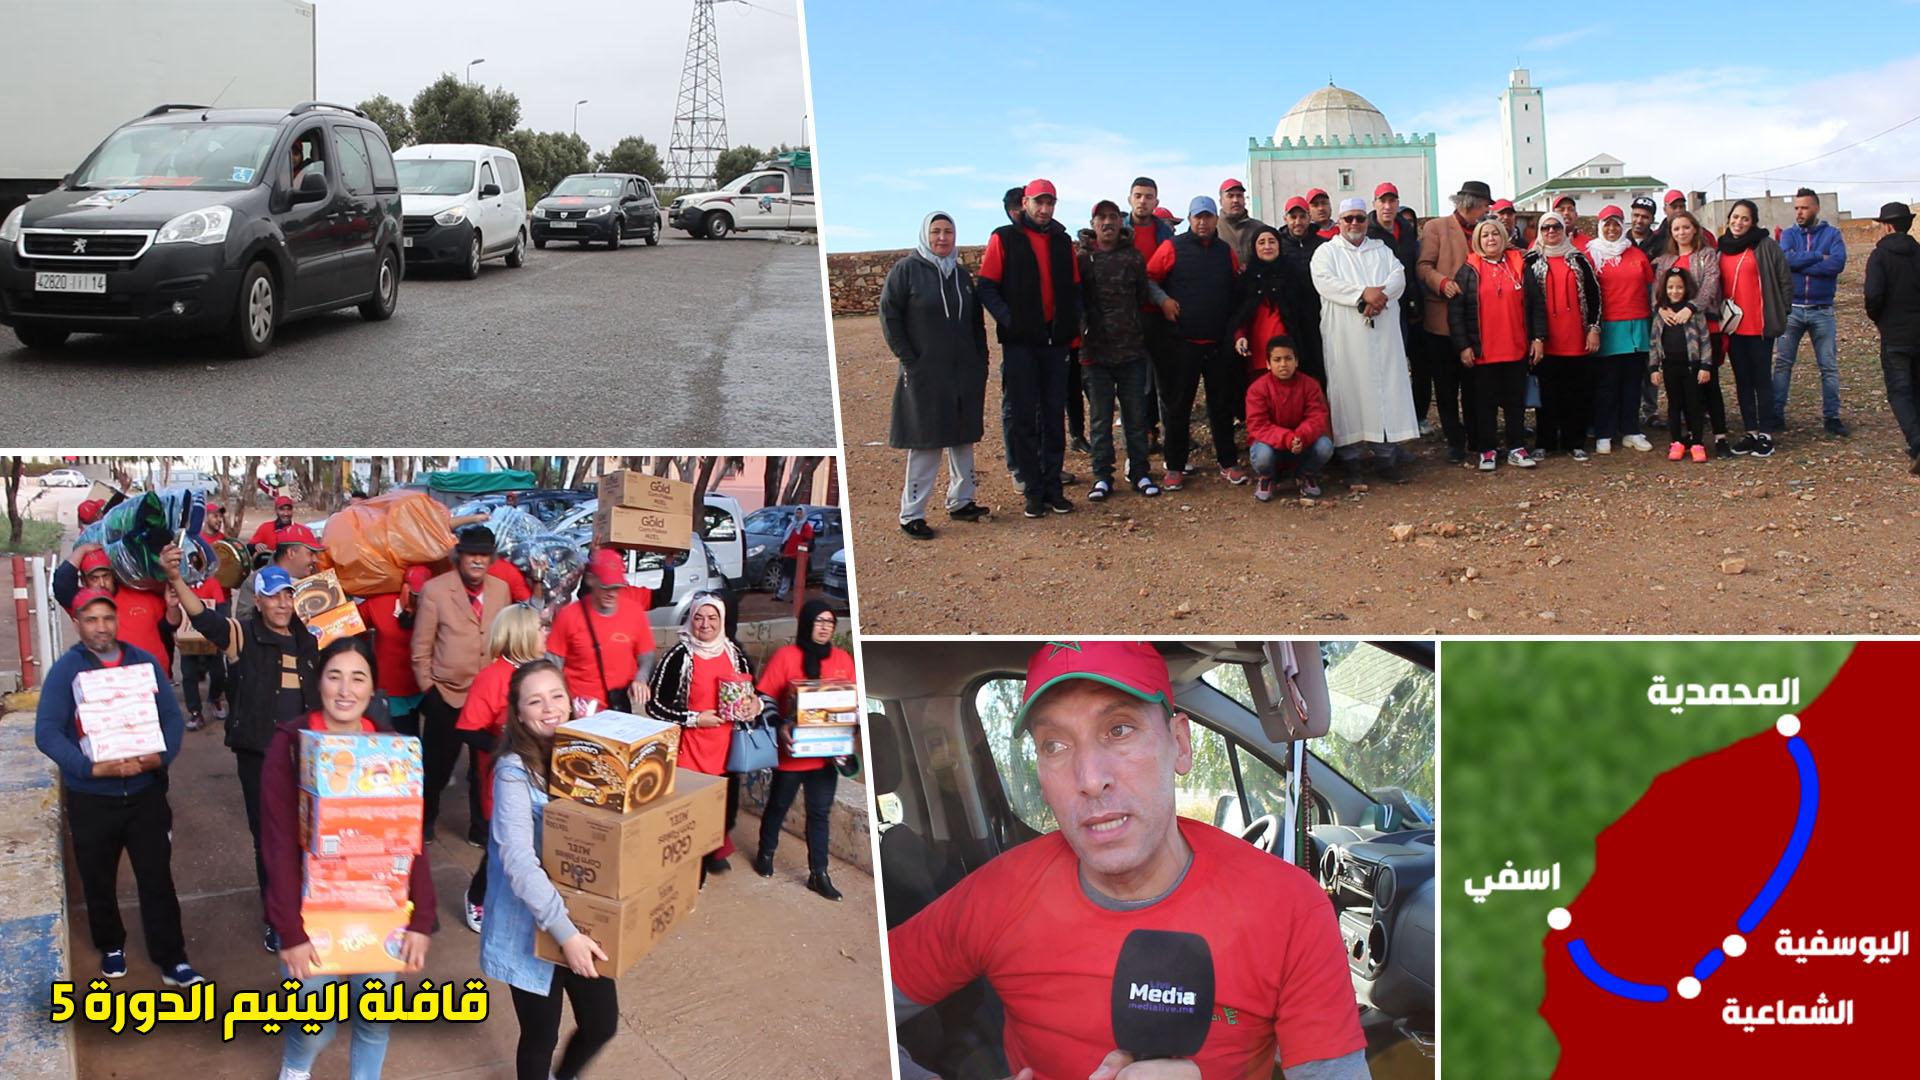 قافلة اليتيم .. زيارة للمدن المغربية لتوزيع المؤن الغدائية و الملابس لفائدة الفقراء واليتامى